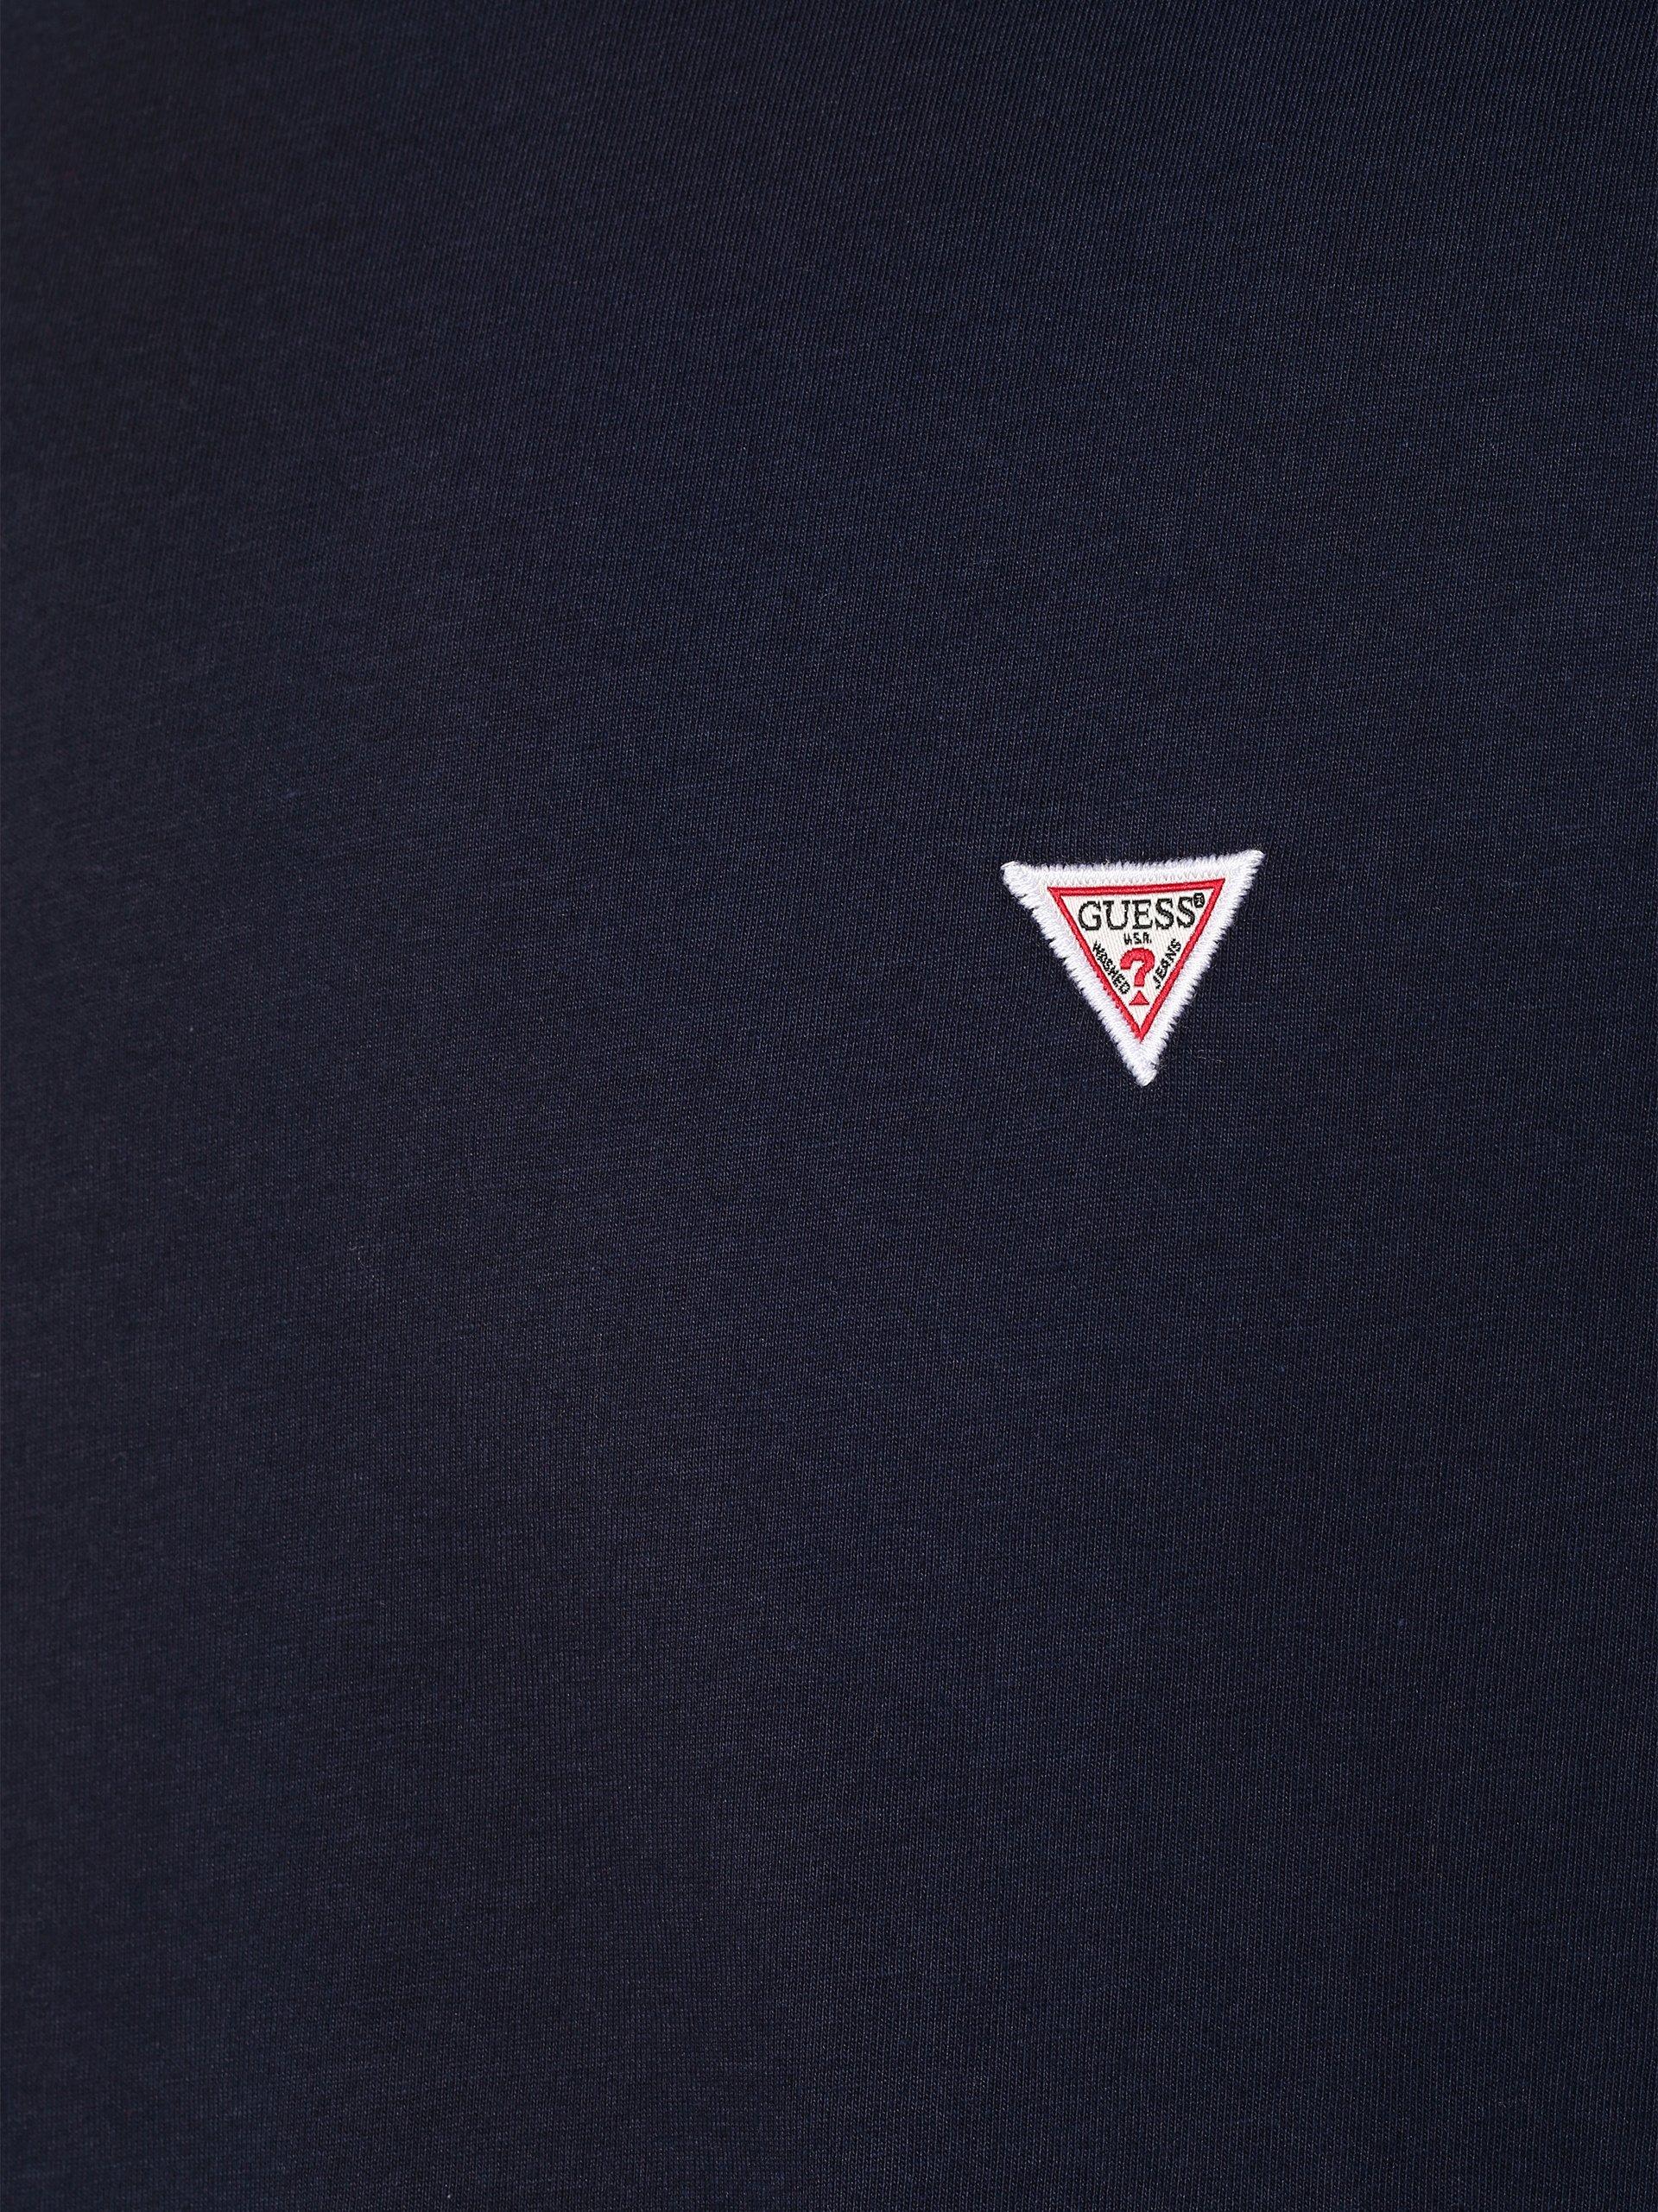 Guess Jeans Herren T-Shirt